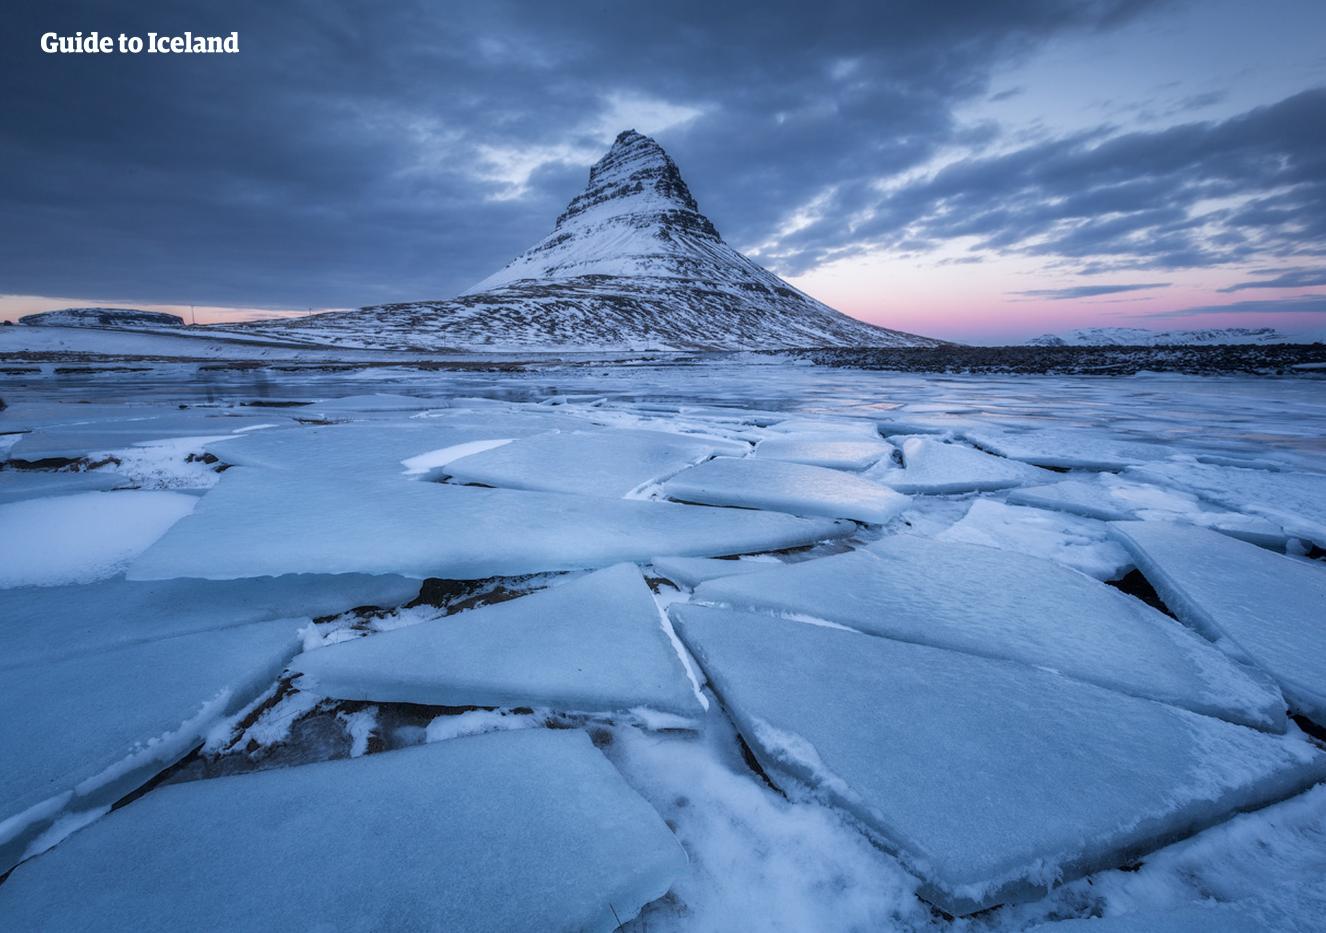 ทุกอย่างบนคาบสมุทรสไนล์แฟลซเนสและรอบภูเขาเคิร์คจูแฟสกลายเป็นน้ำแข็ง